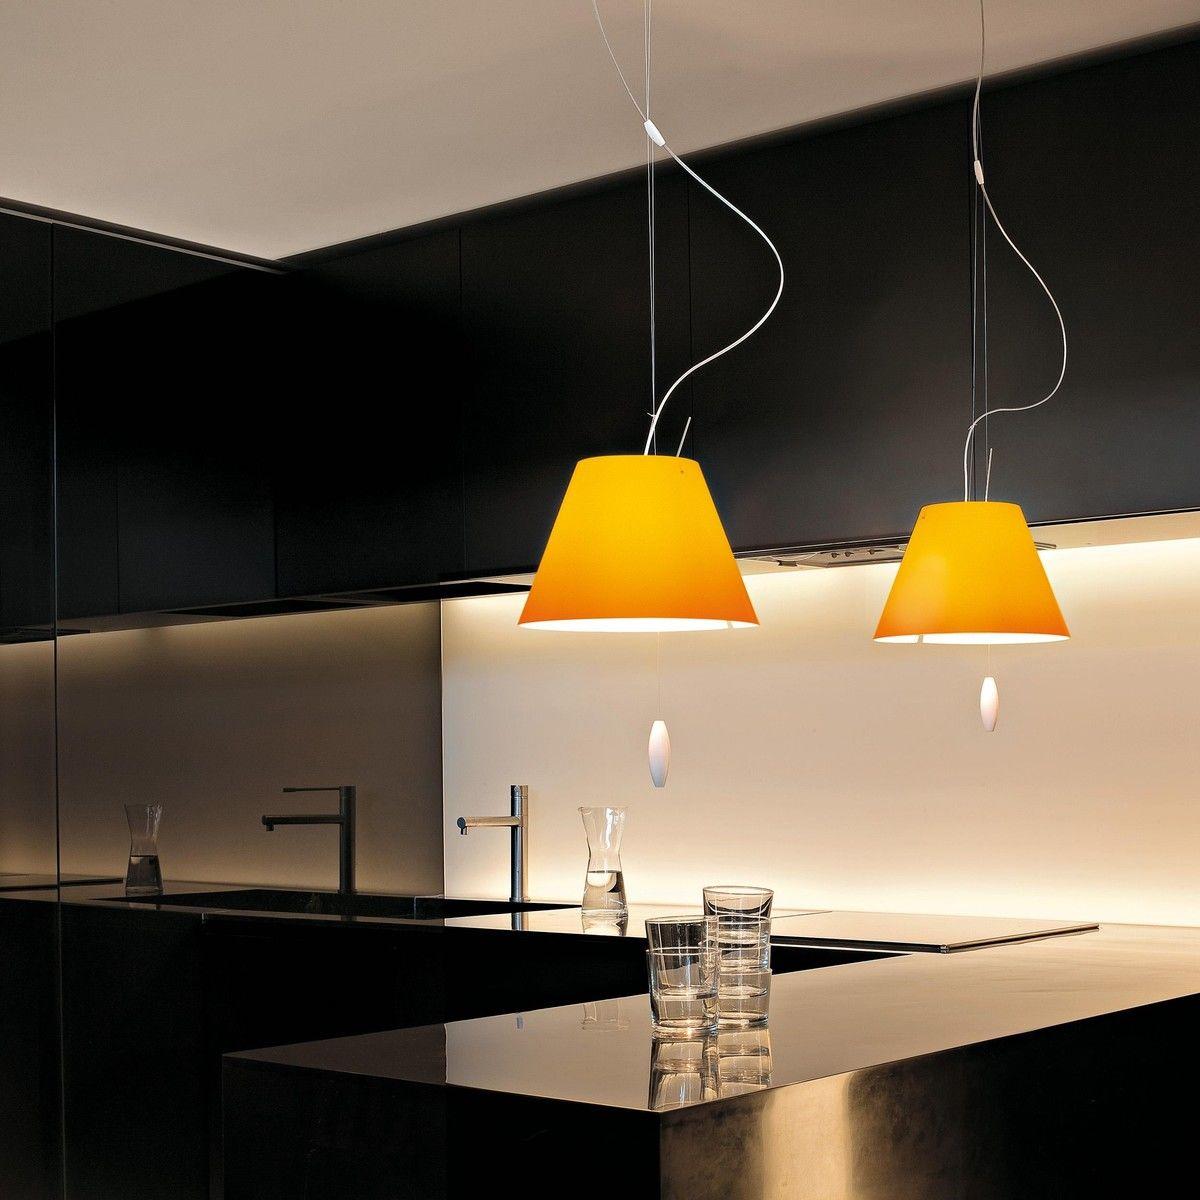 costanzina pendelleuchte mit zugseil luceplan. Black Bedroom Furniture Sets. Home Design Ideas